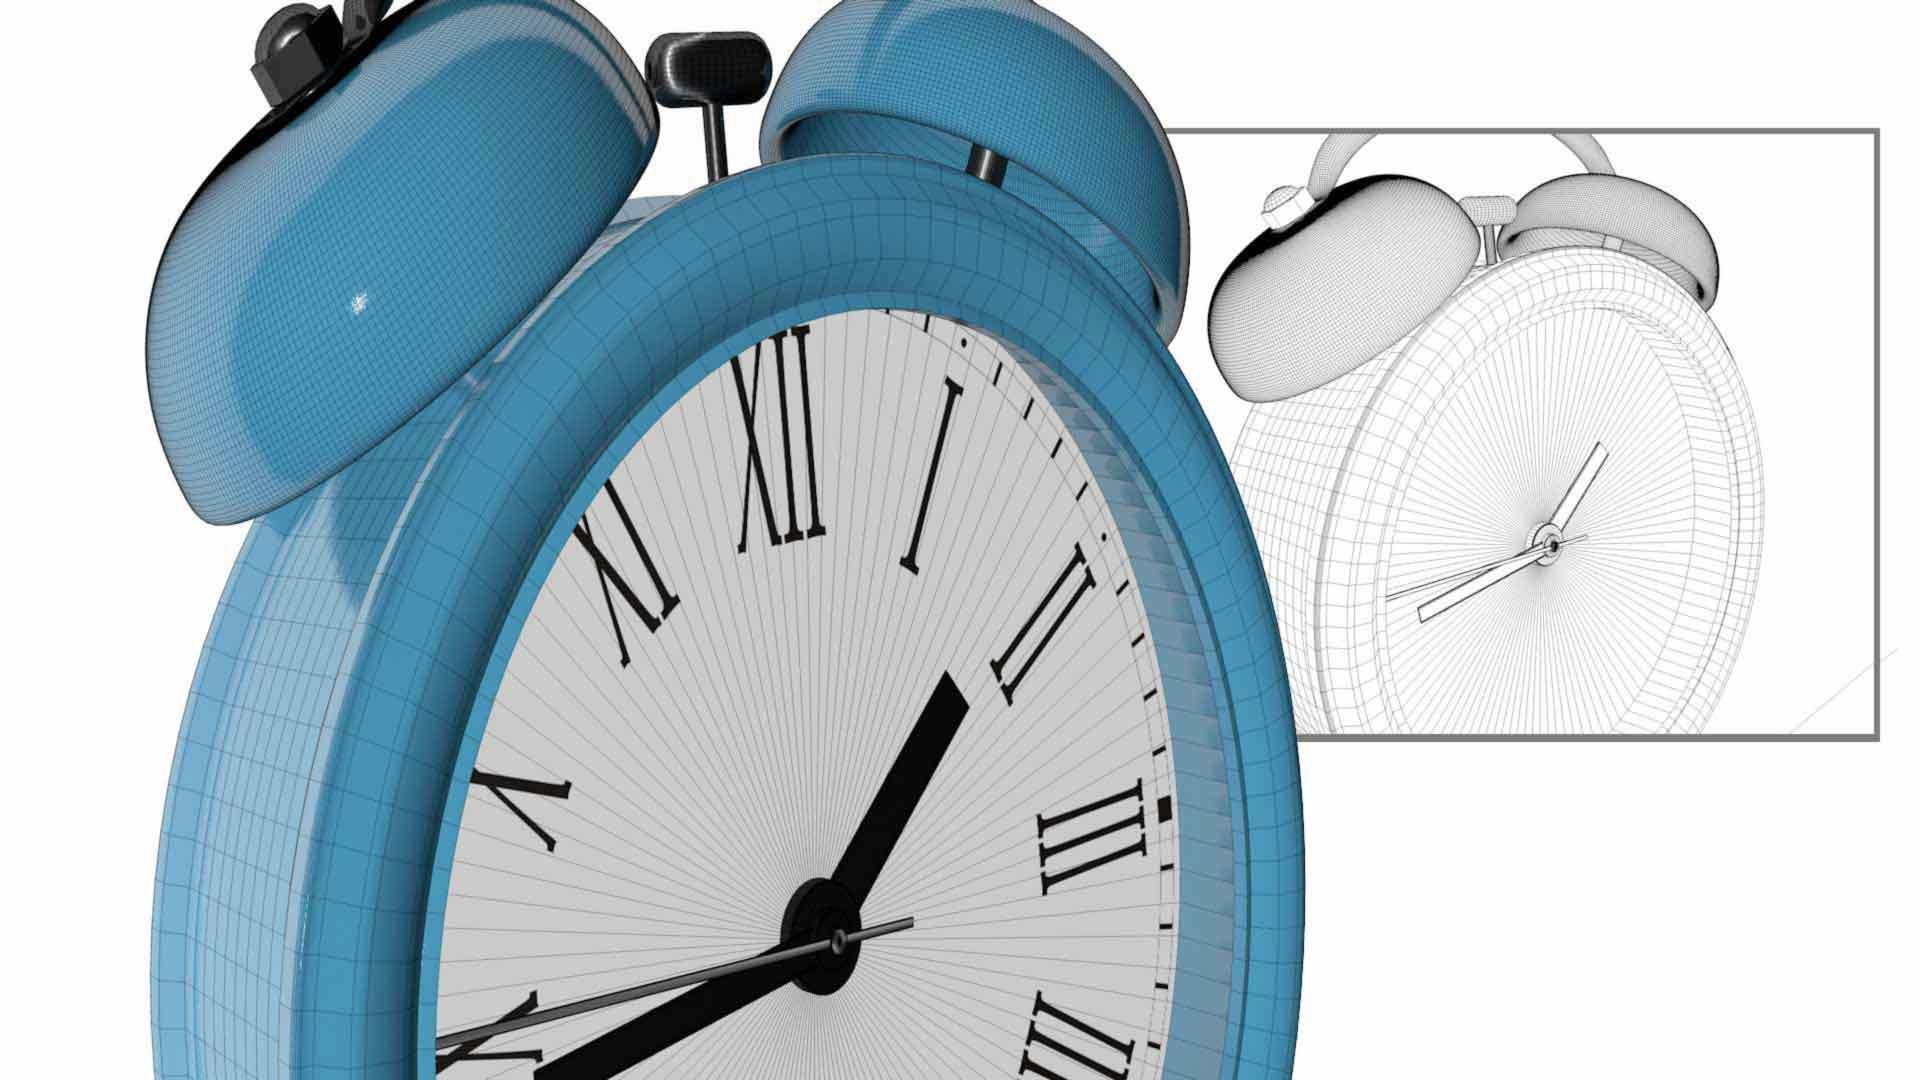 Alarm Clock - Eventfilm